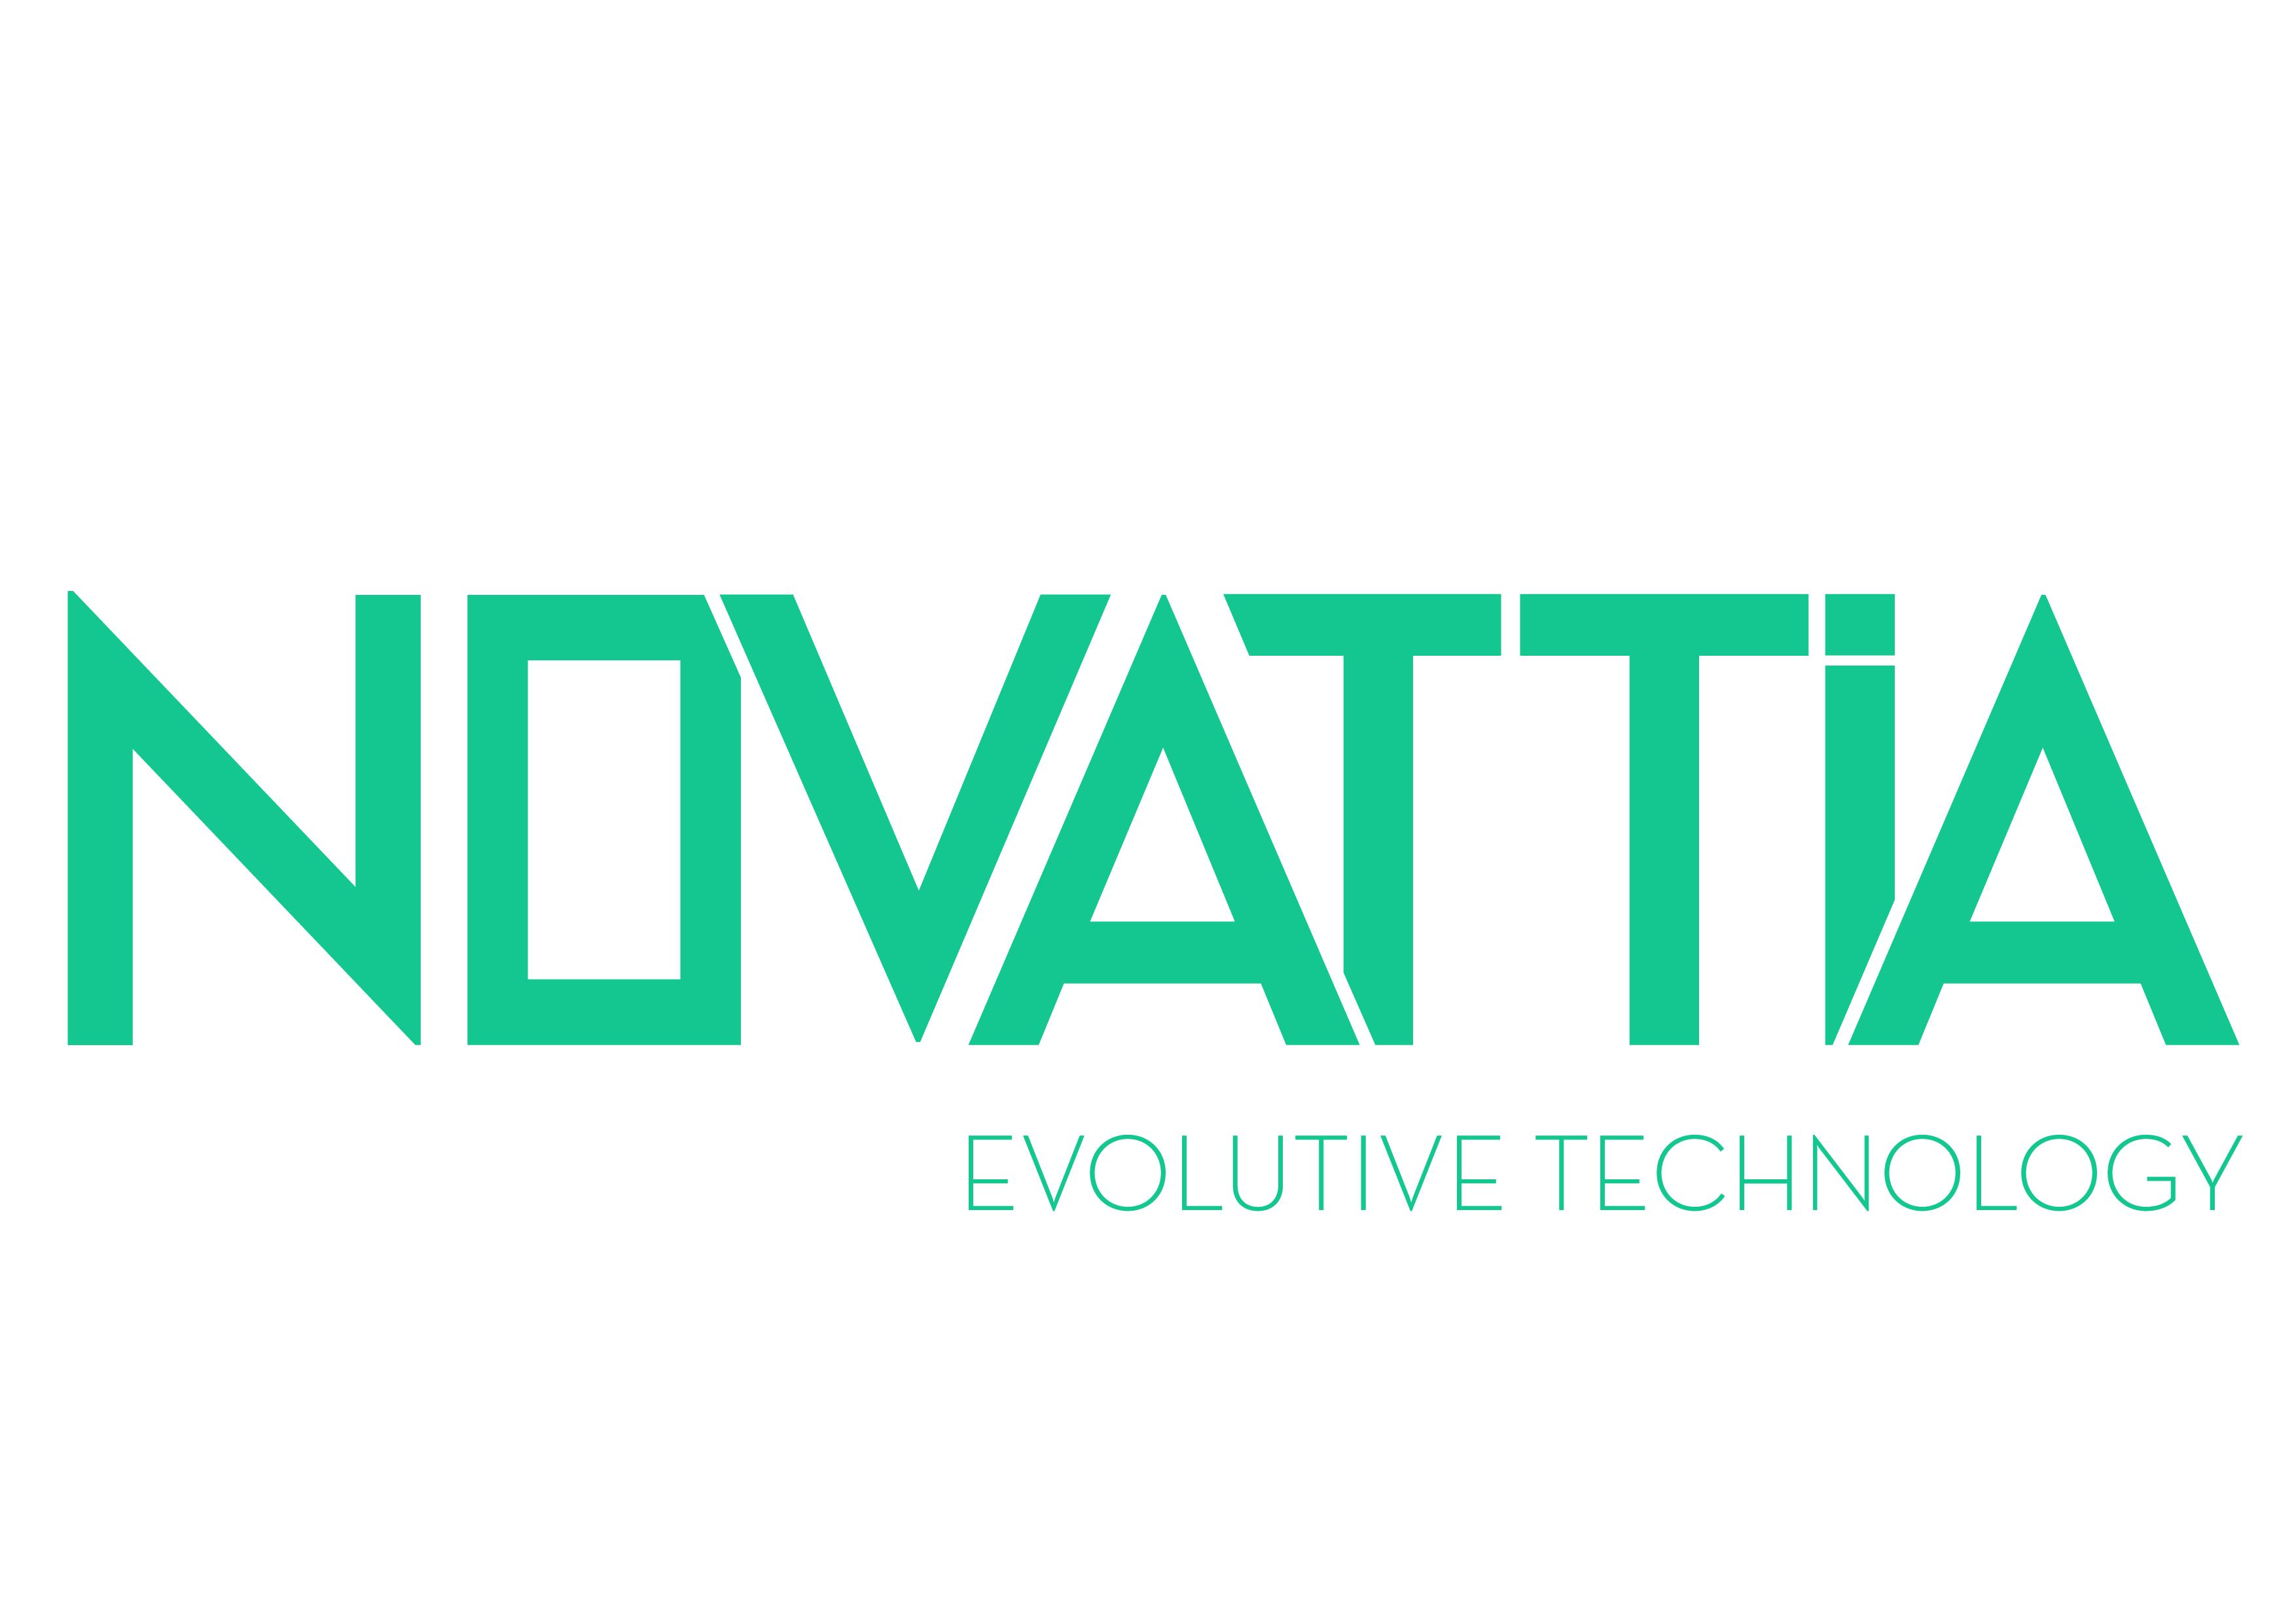 Acquisition of Novattia